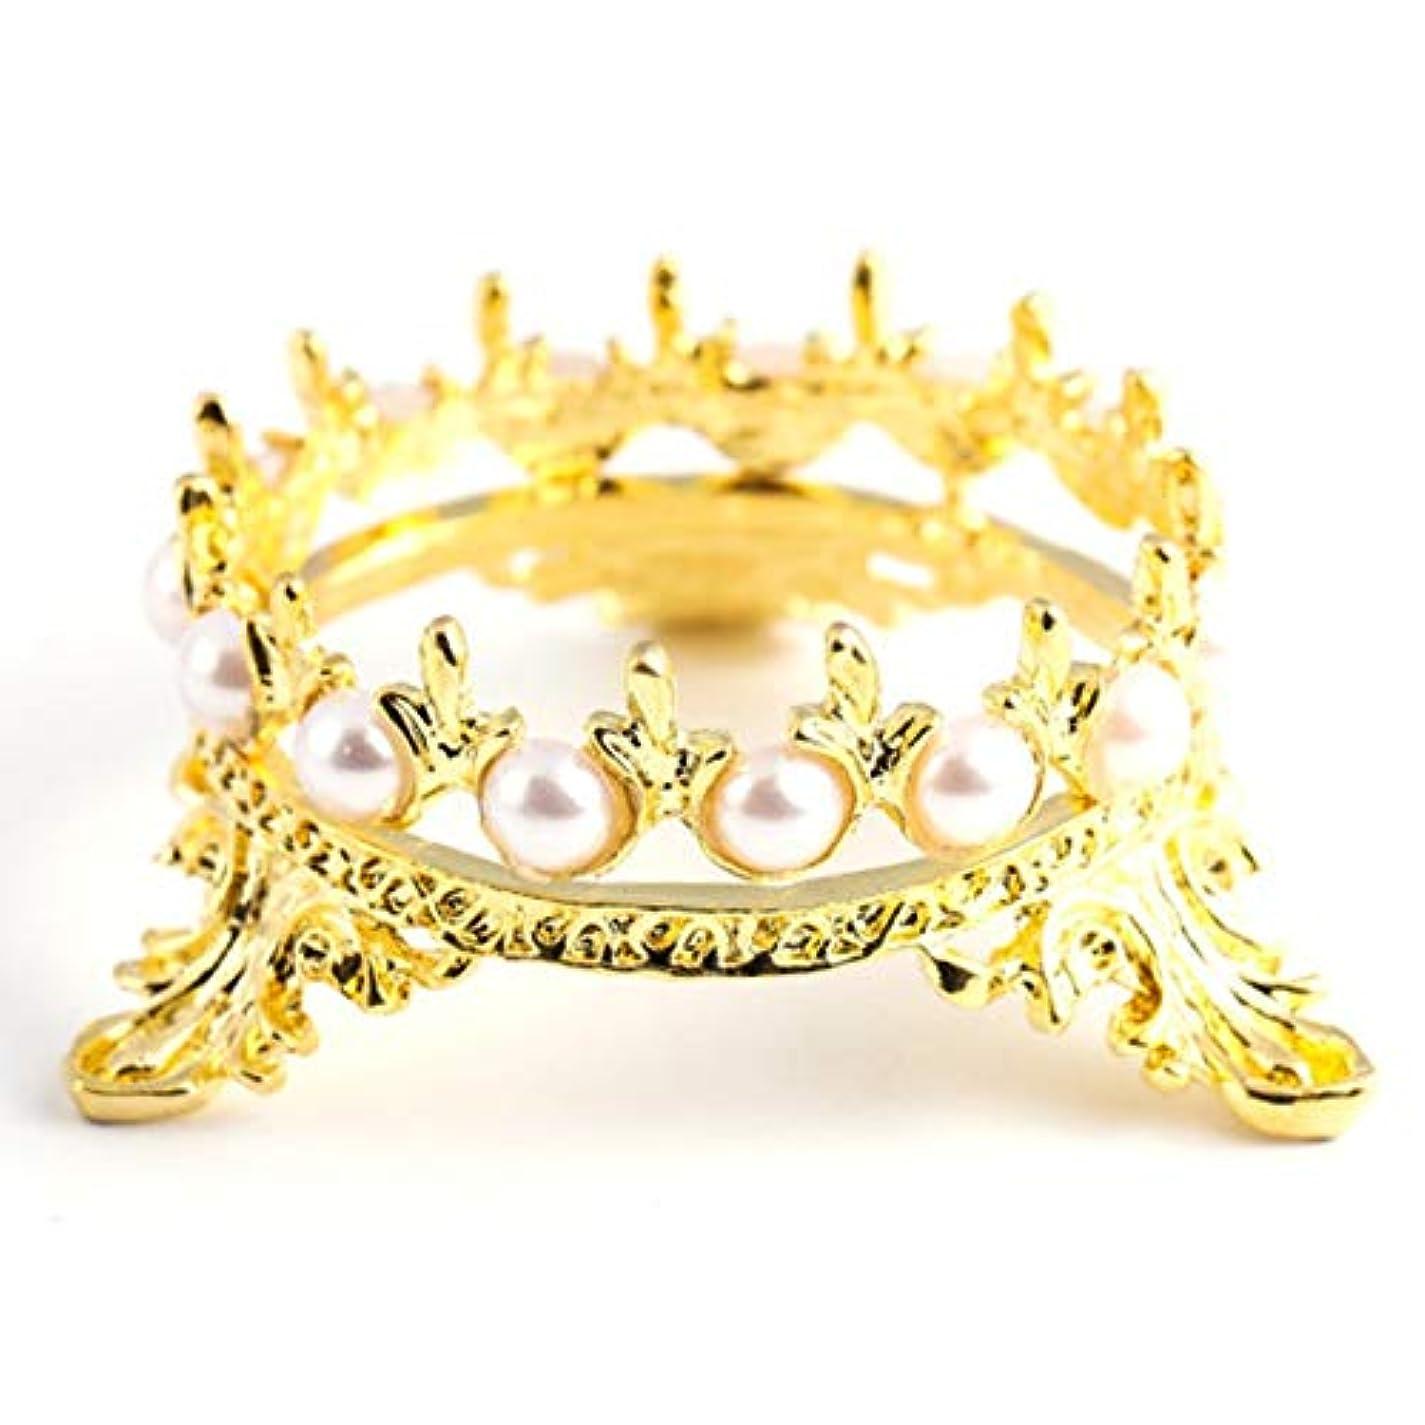 マージレースアクセサリーYoshilimen 特別1 xクラウンスタンドペンブラシホルダーパールネイルアートペンラックマニキュアネイルアートツール必需品(None Golden Crown Penholder)